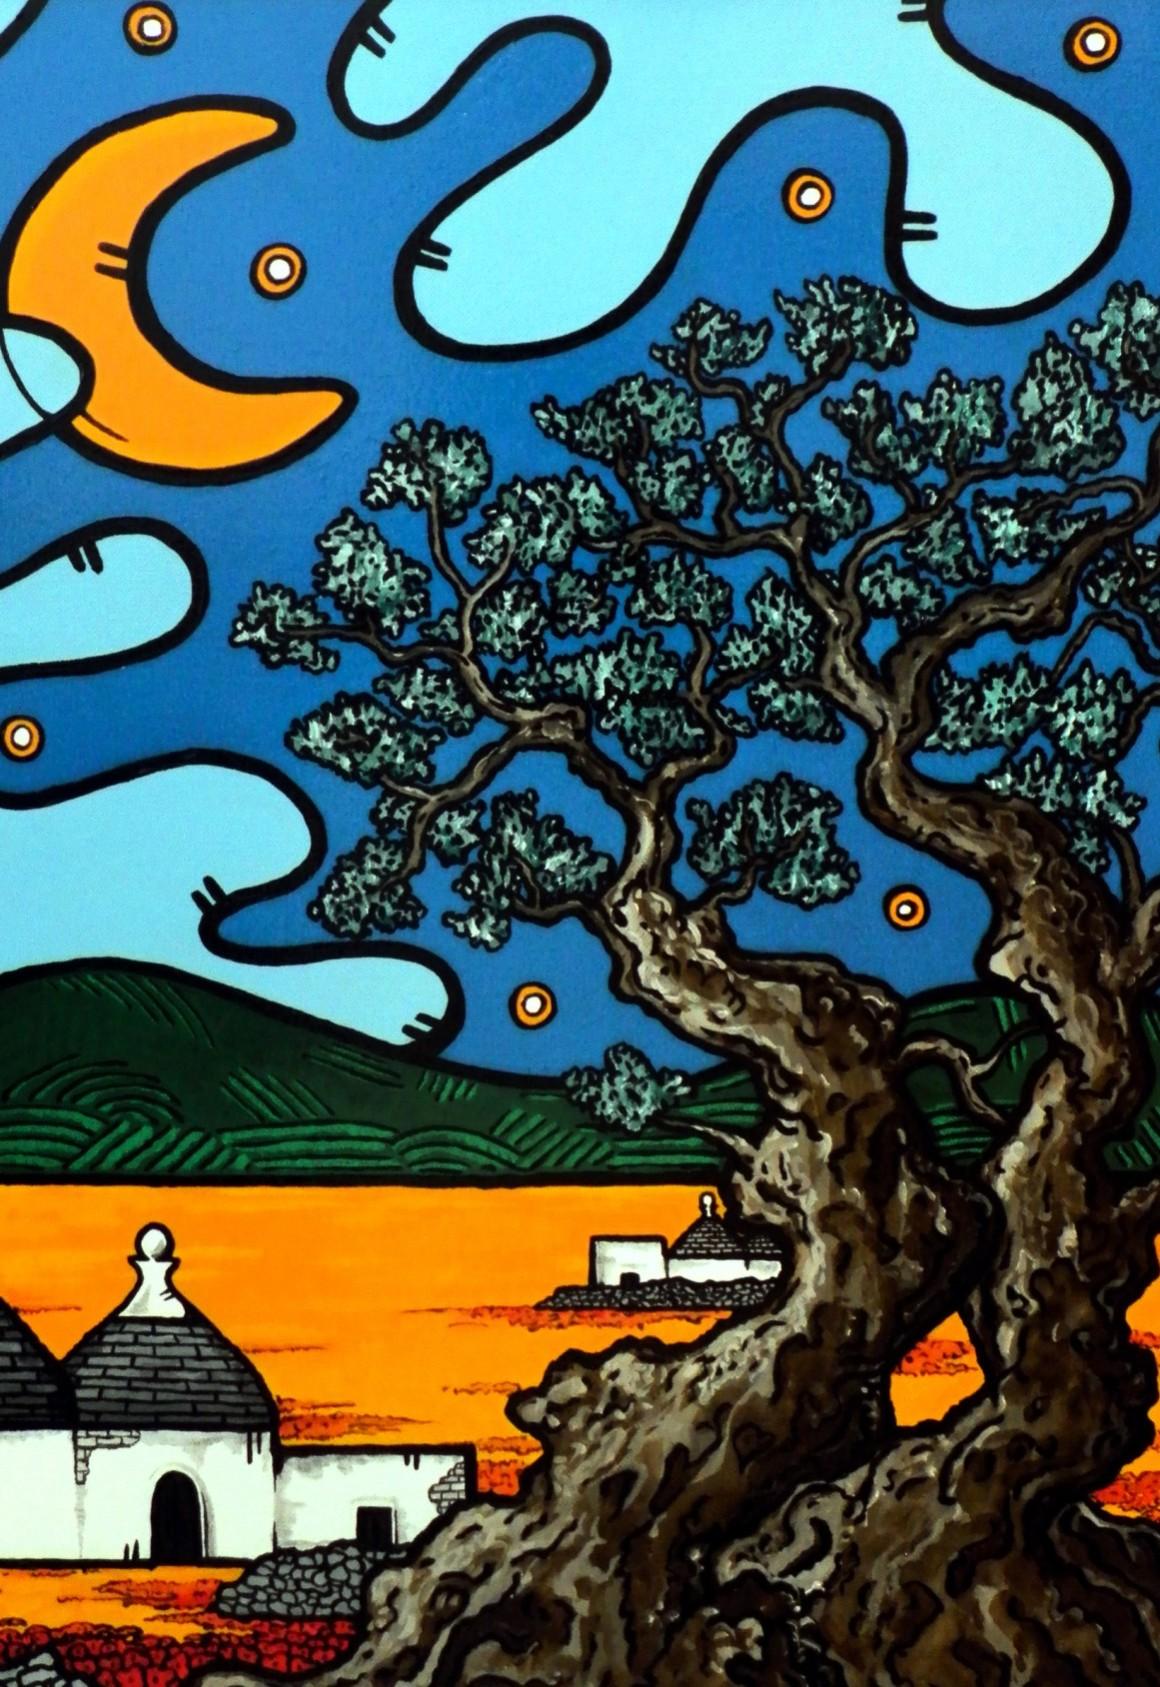 opera, contornismo metafisico, francesco ferrulli, pittore pugliese, artista italiano, arte contemporanea, dipinto, olio su tela, paesaggi pugliesi, quadri, puglia, quadro colorato, oil on canvas, art, painter, paesaggio pugliese, trulli, campagna pugliese, ulivi, fichi d'india, sognando la mia terra,